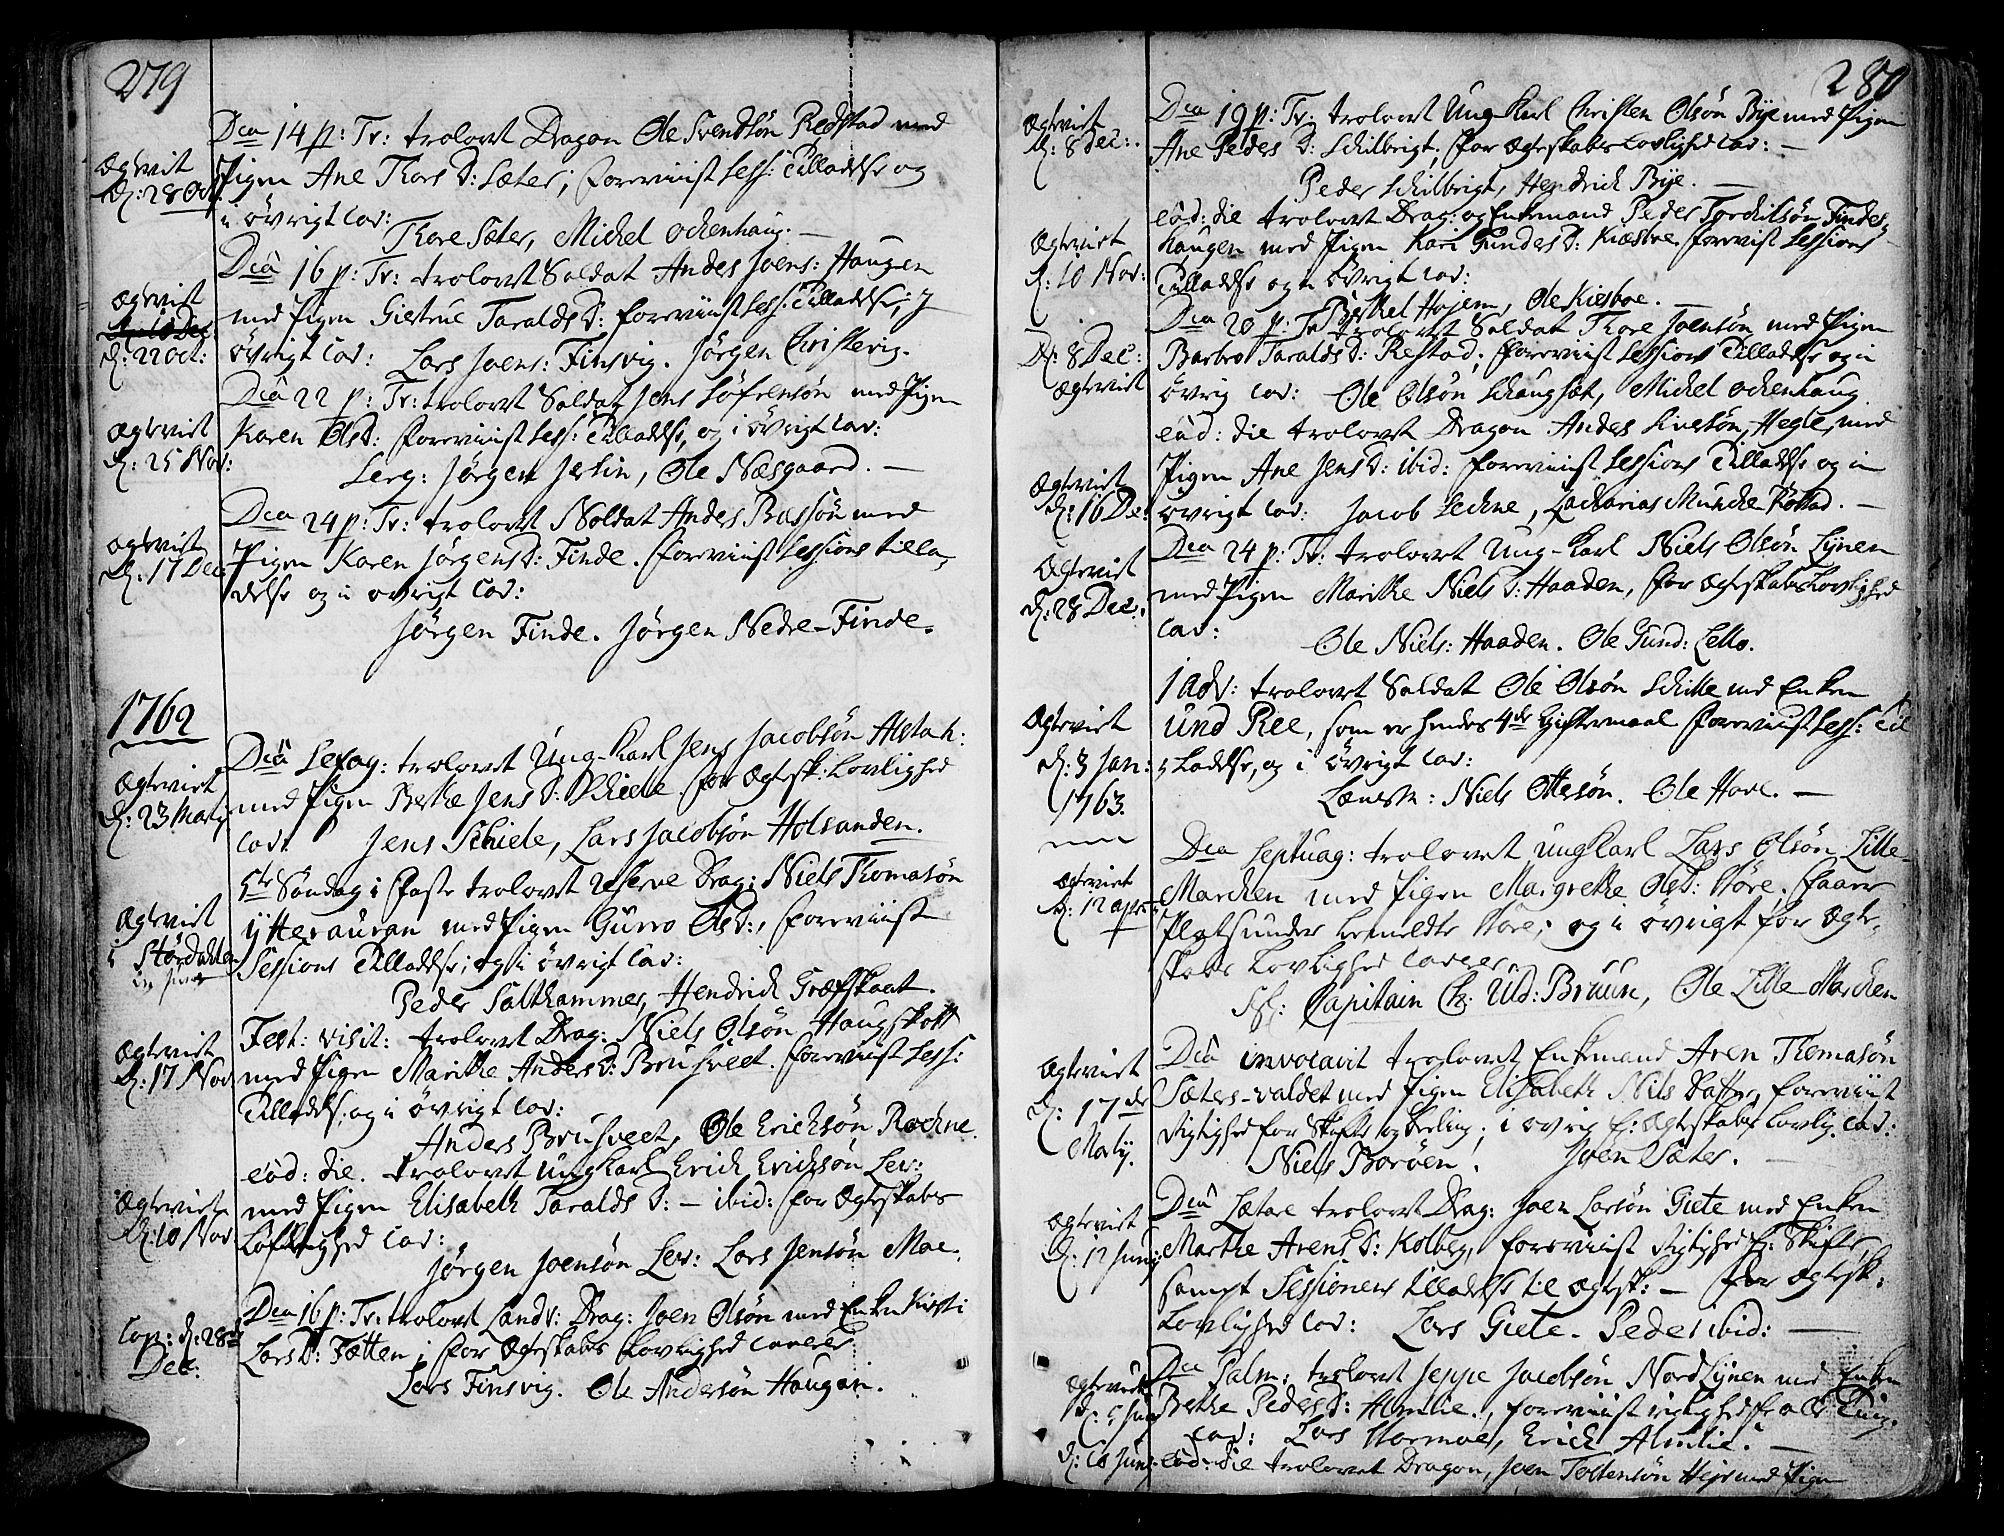 SAT, Ministerialprotokoller, klokkerbøker og fødselsregistre - Nord-Trøndelag, 717/L0141: Ministerialbok nr. 717A01, 1747-1803, s. 279-280